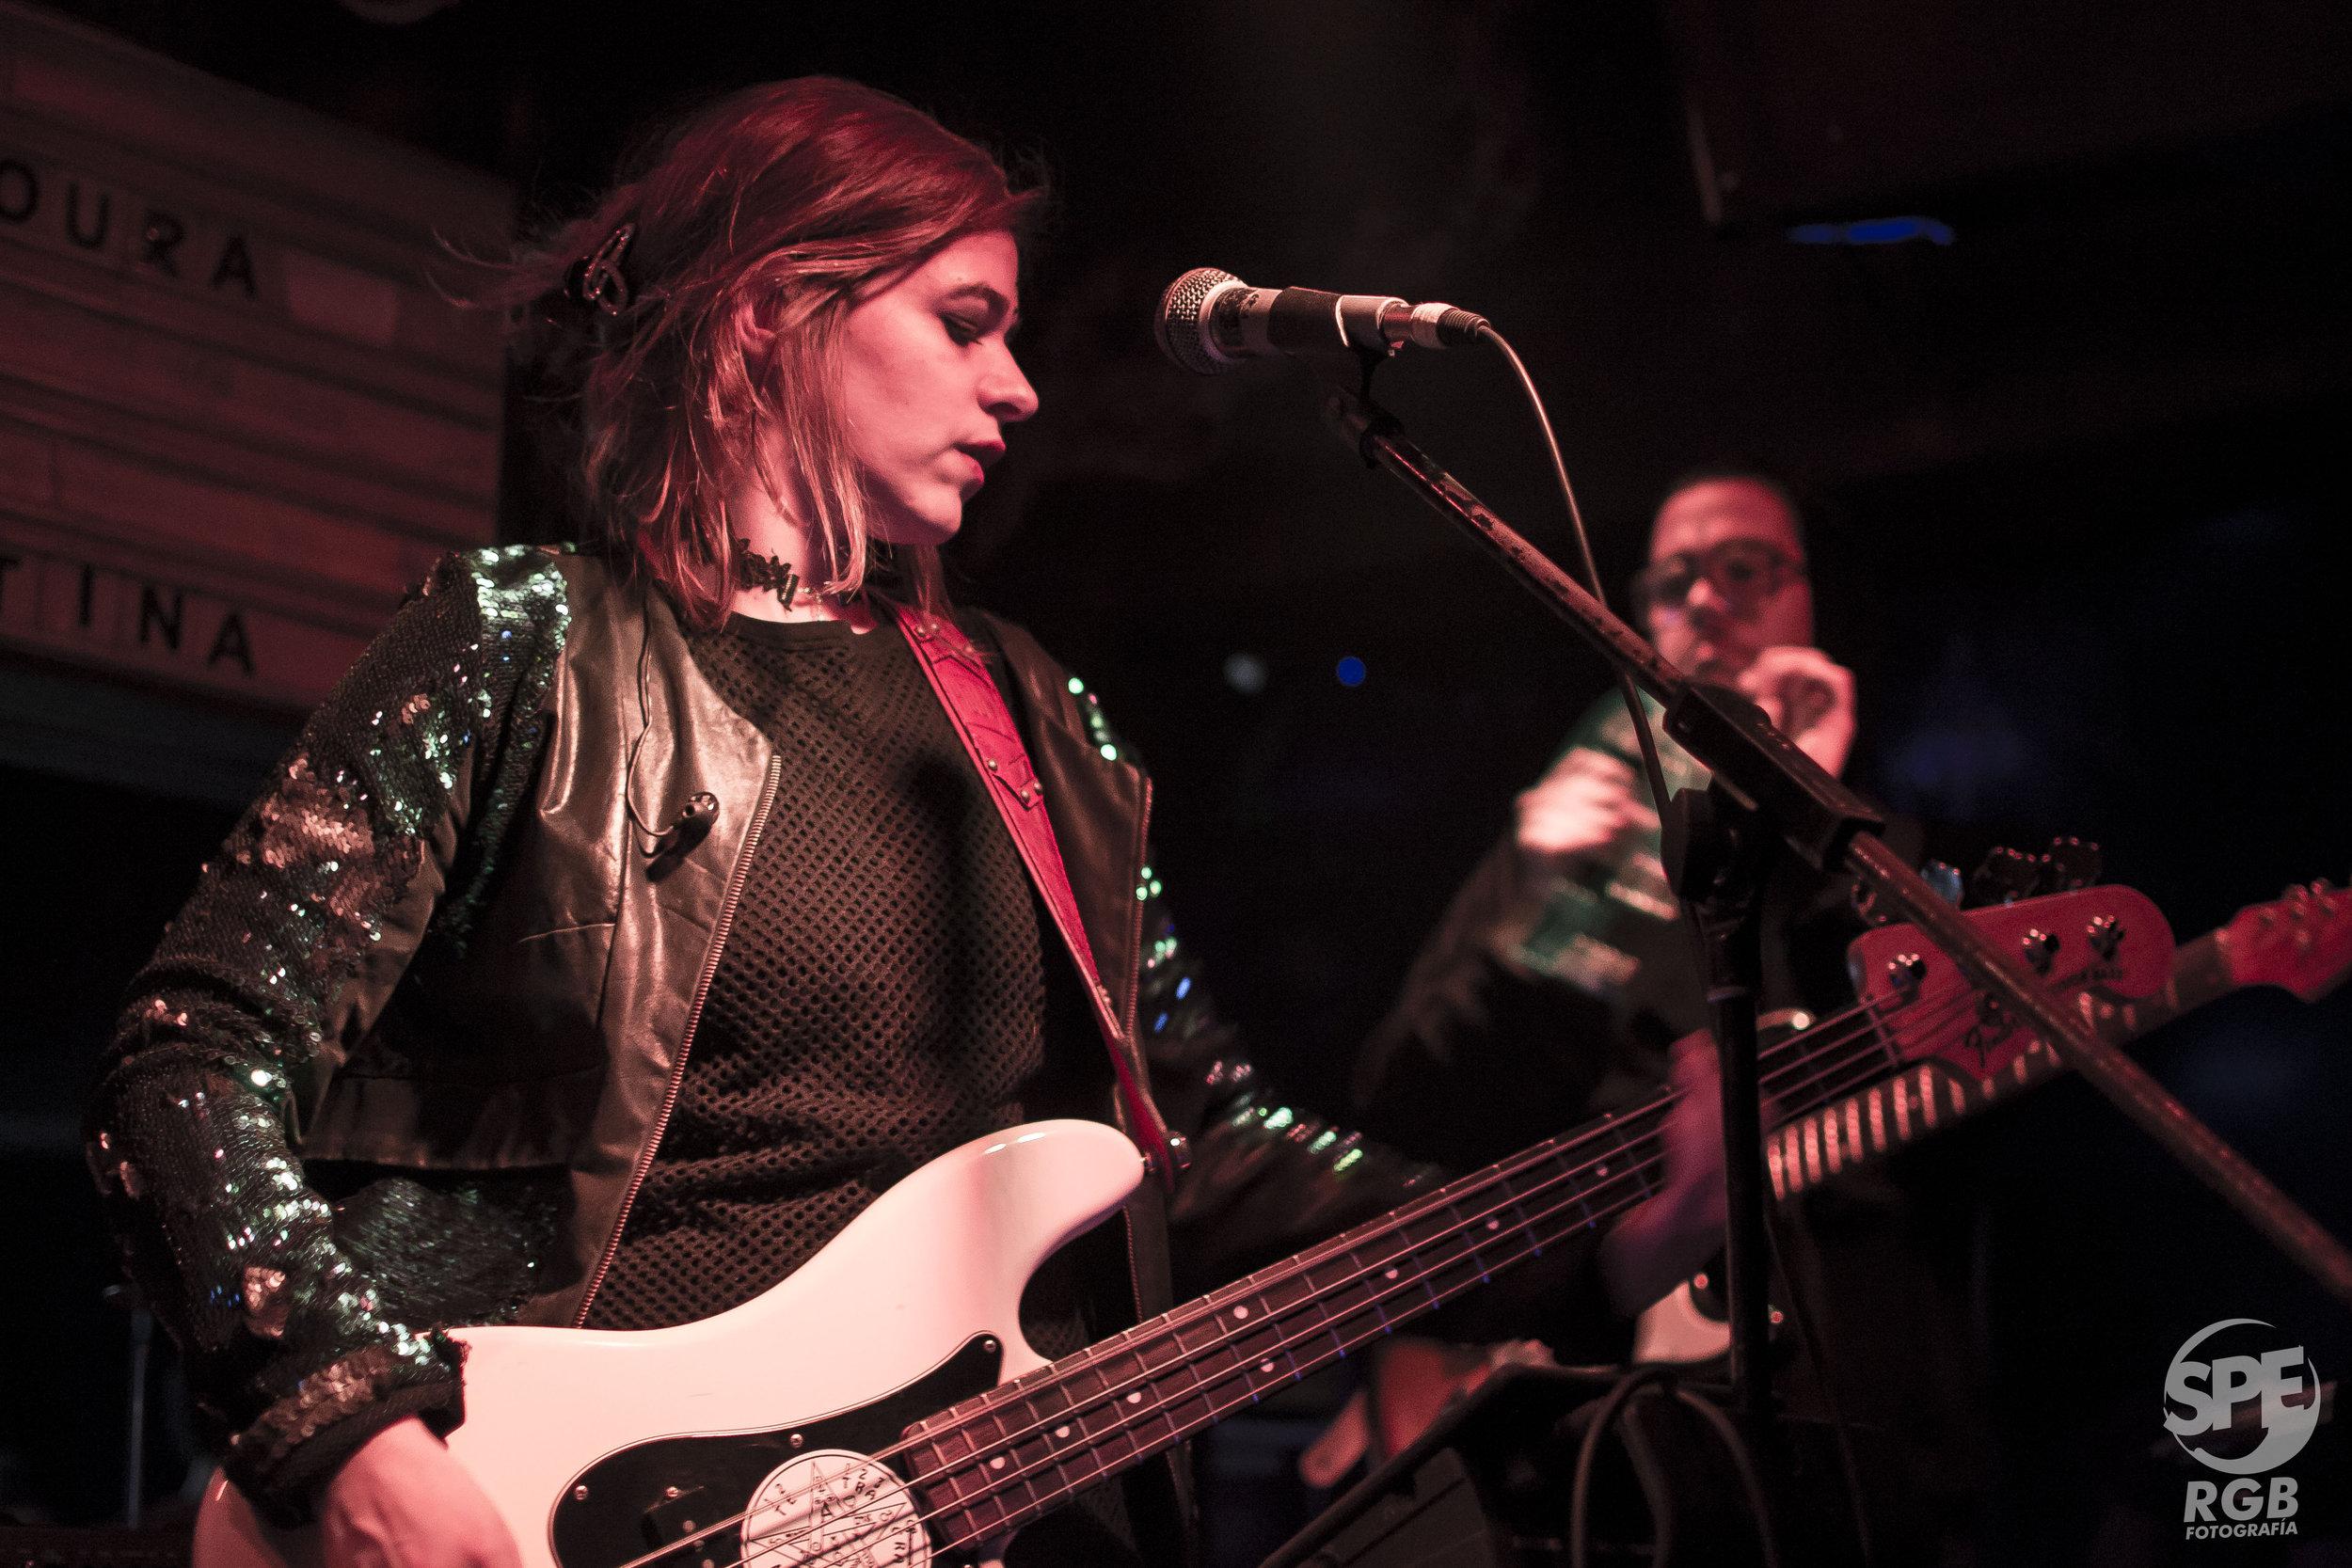 HOLMS + FUS DELEI - 07.06.19 @ PURA VIDA BARLa teatralidad de la banda de  Fus Delei y la energía rockera de Holms juntos en La Plata.